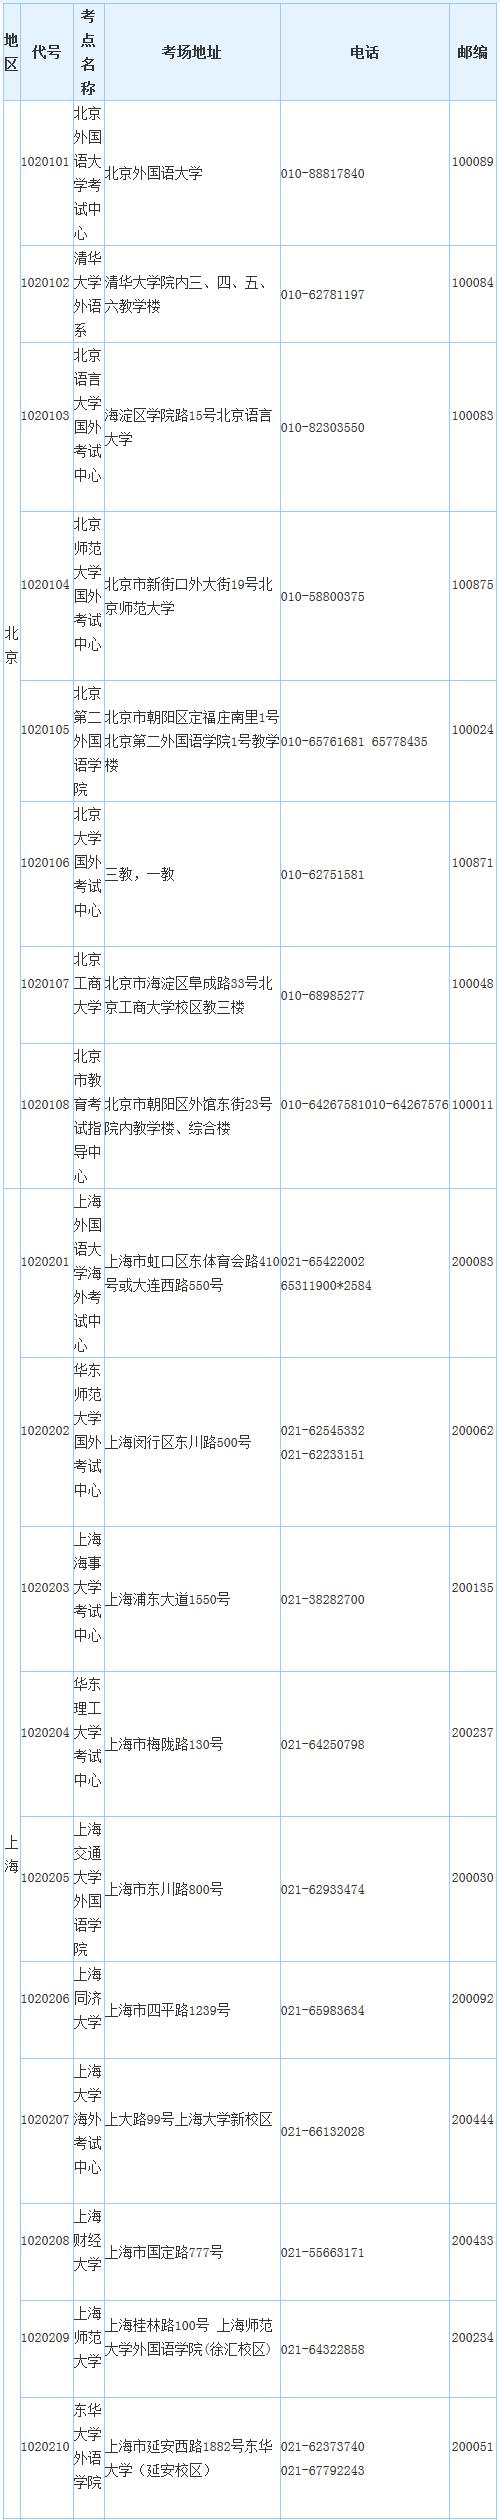 2014年JLPT考试时间和考点汇总